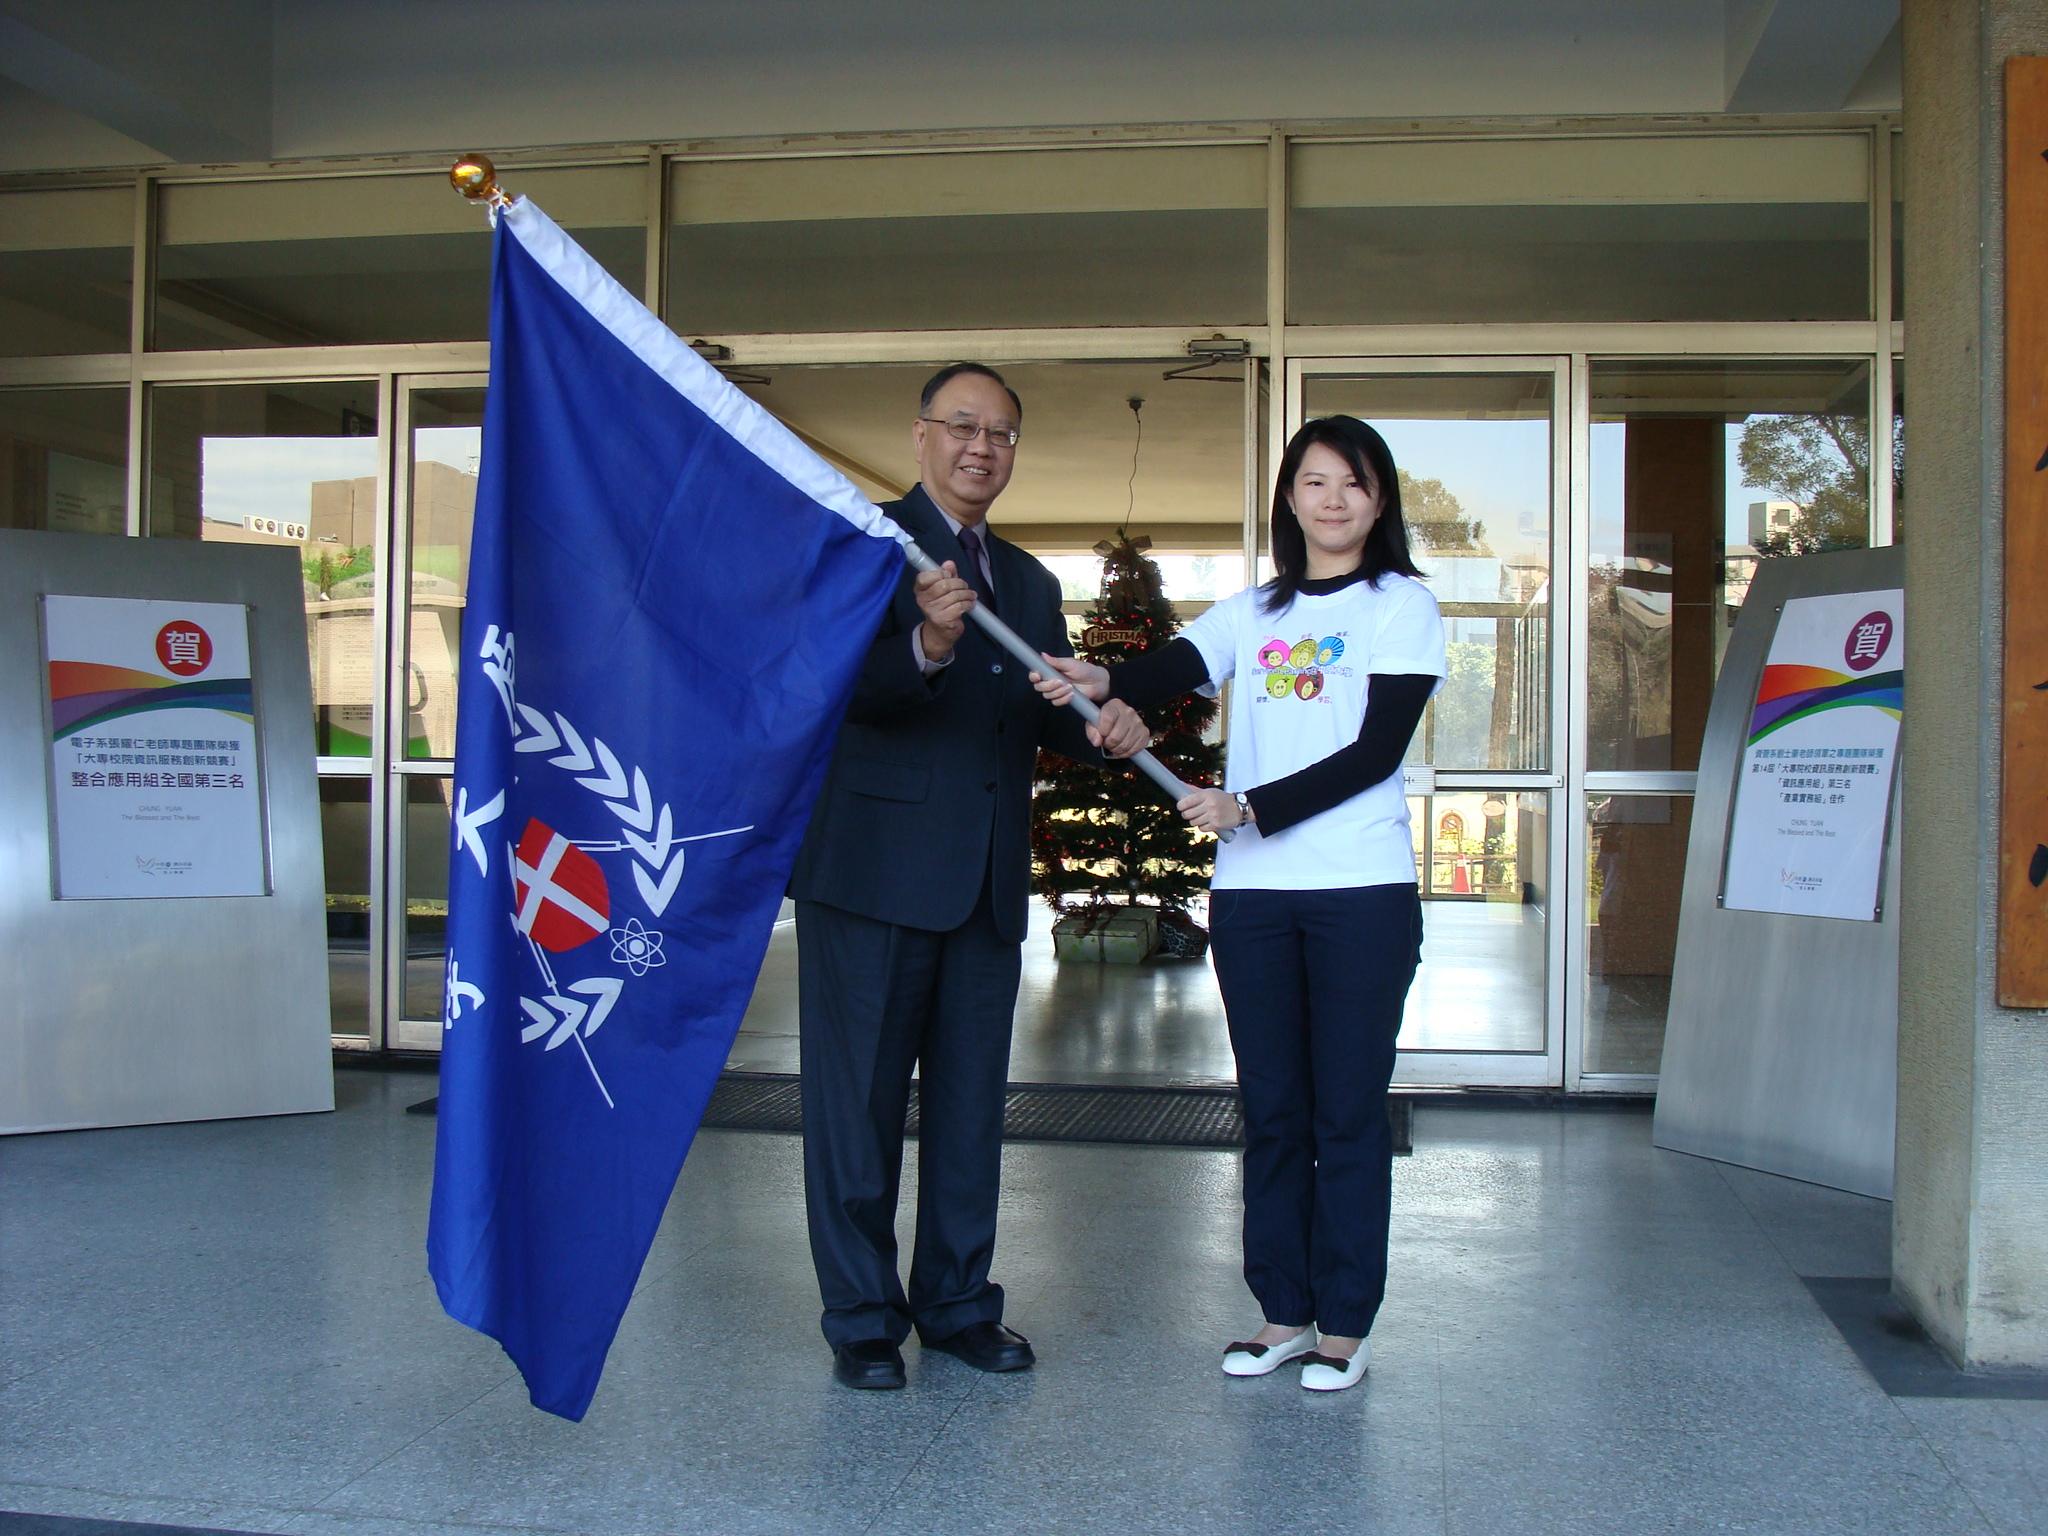 中原大學海外志工赴柬埔寨與北印度 從事教育與數位關懷服務